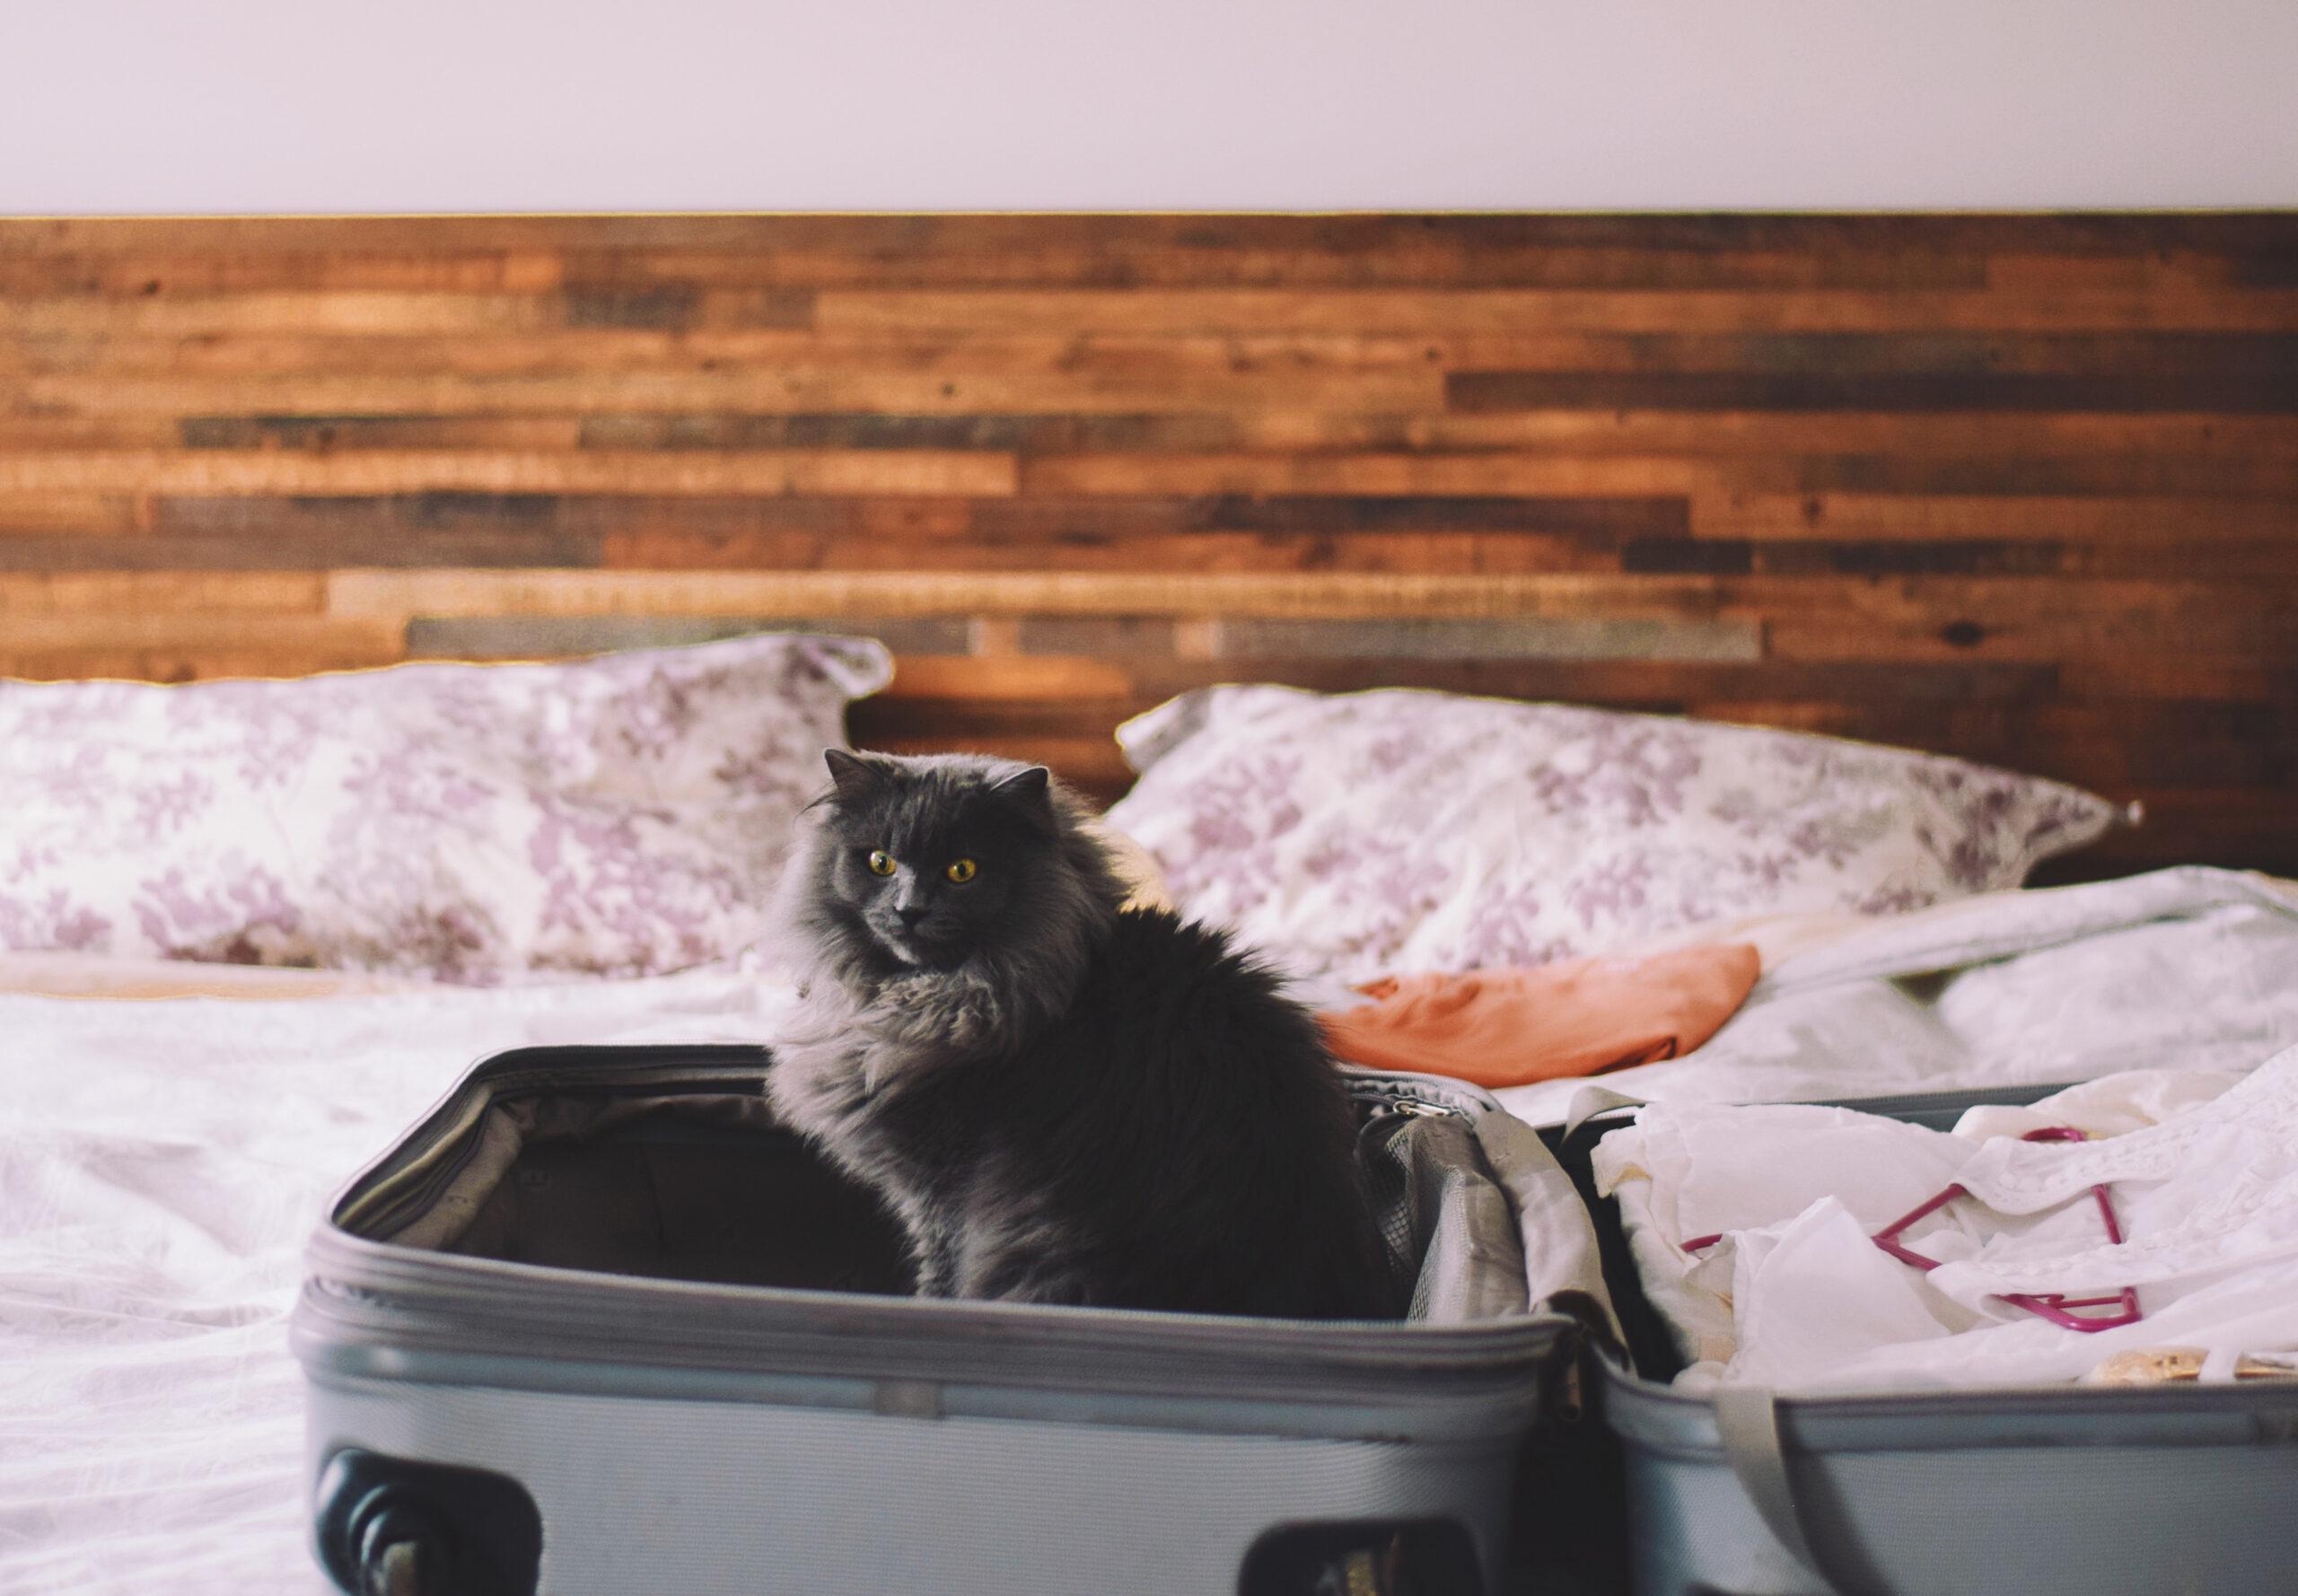 Mudança com gatos: gato preto dentro de uma mala de viagem